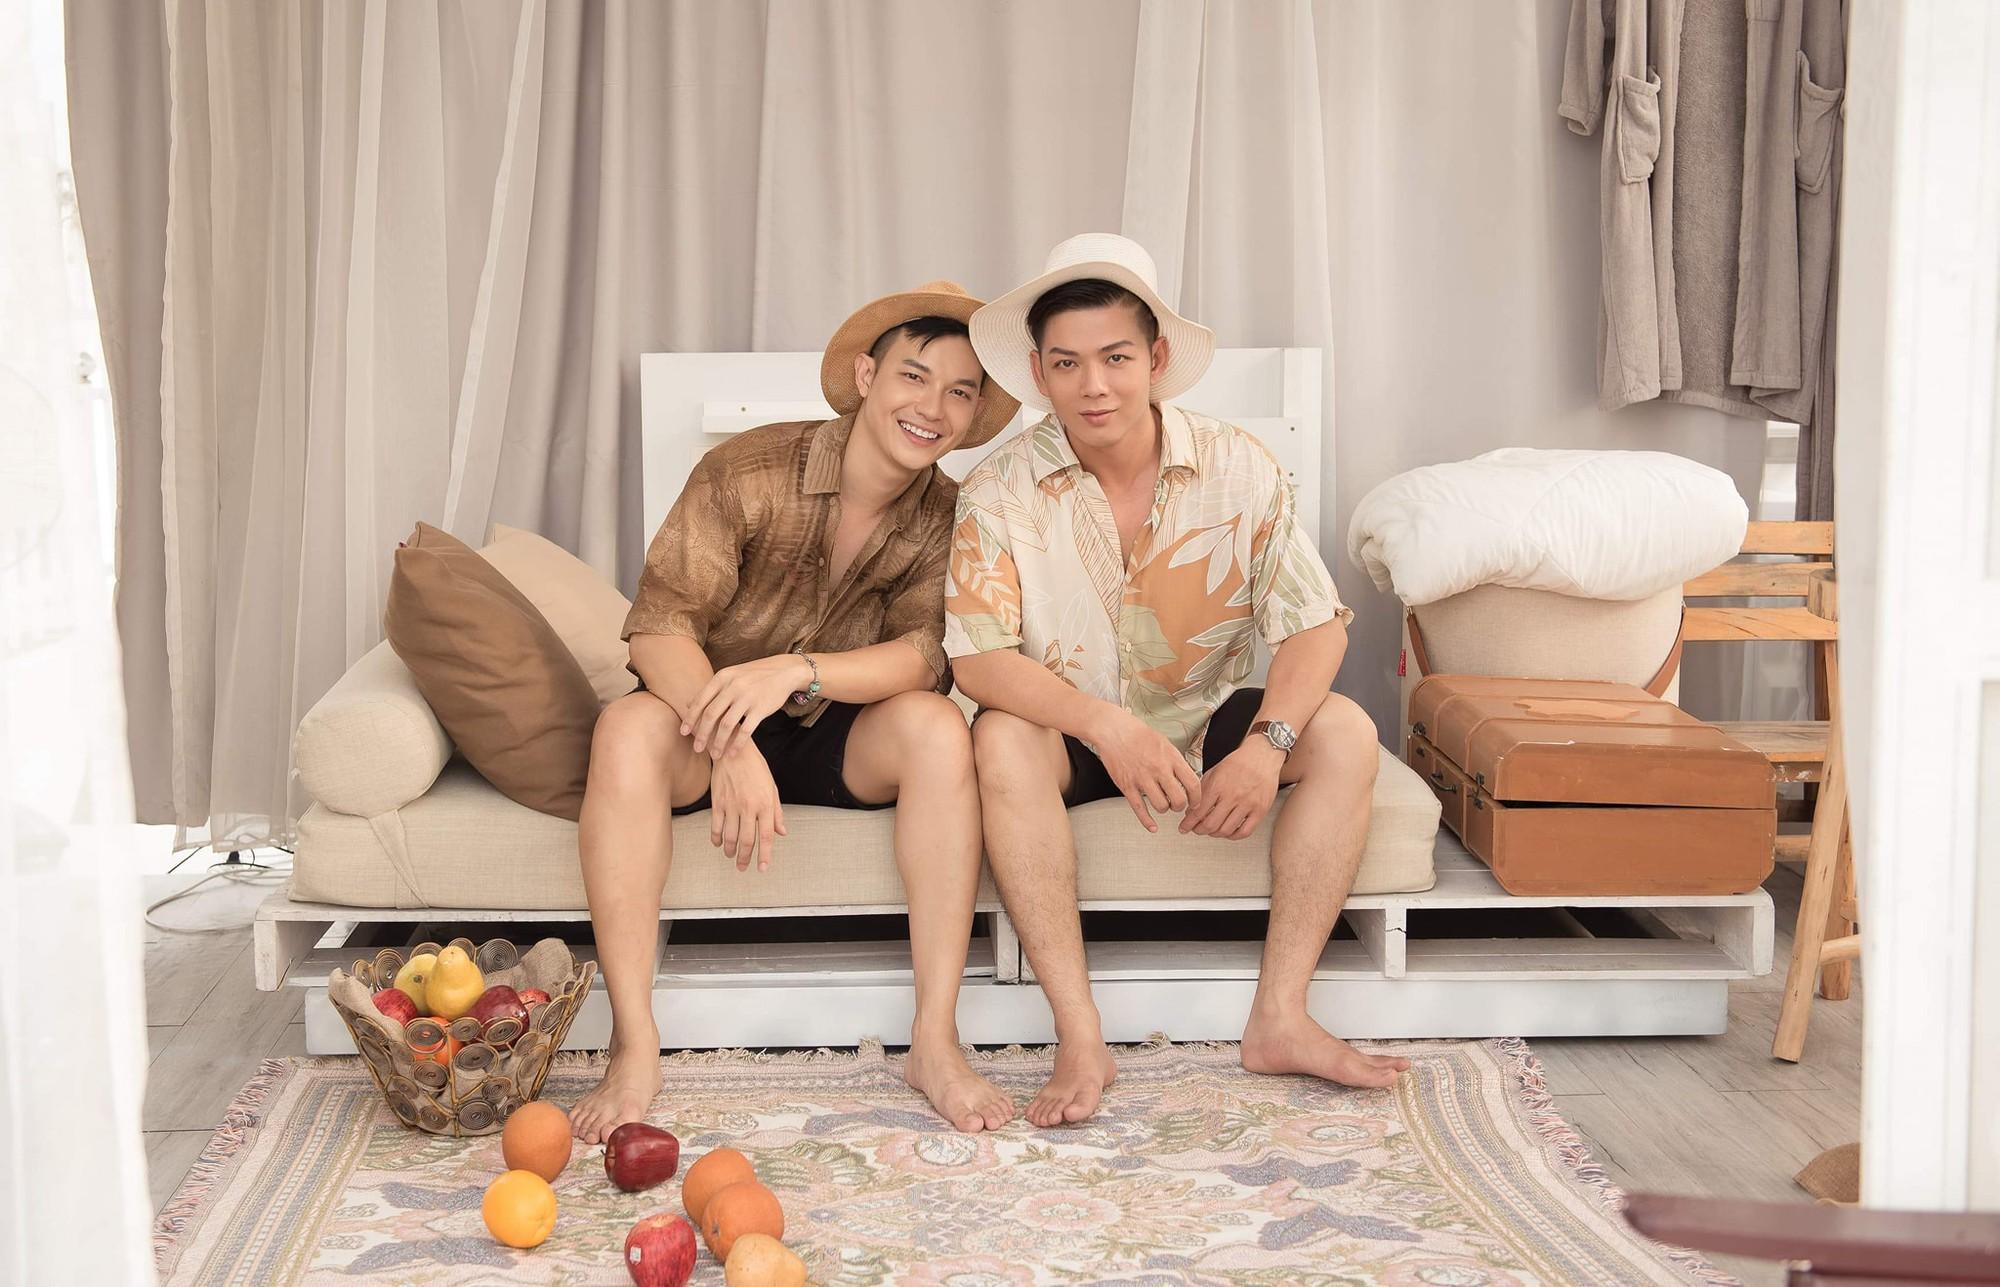 Ngắm nhìn những bức ảnh đẹp của cặp đôi LGBT Sơn Tùng và Đức Hiền của Người ấy là ai tập 8  - Ảnh 4.